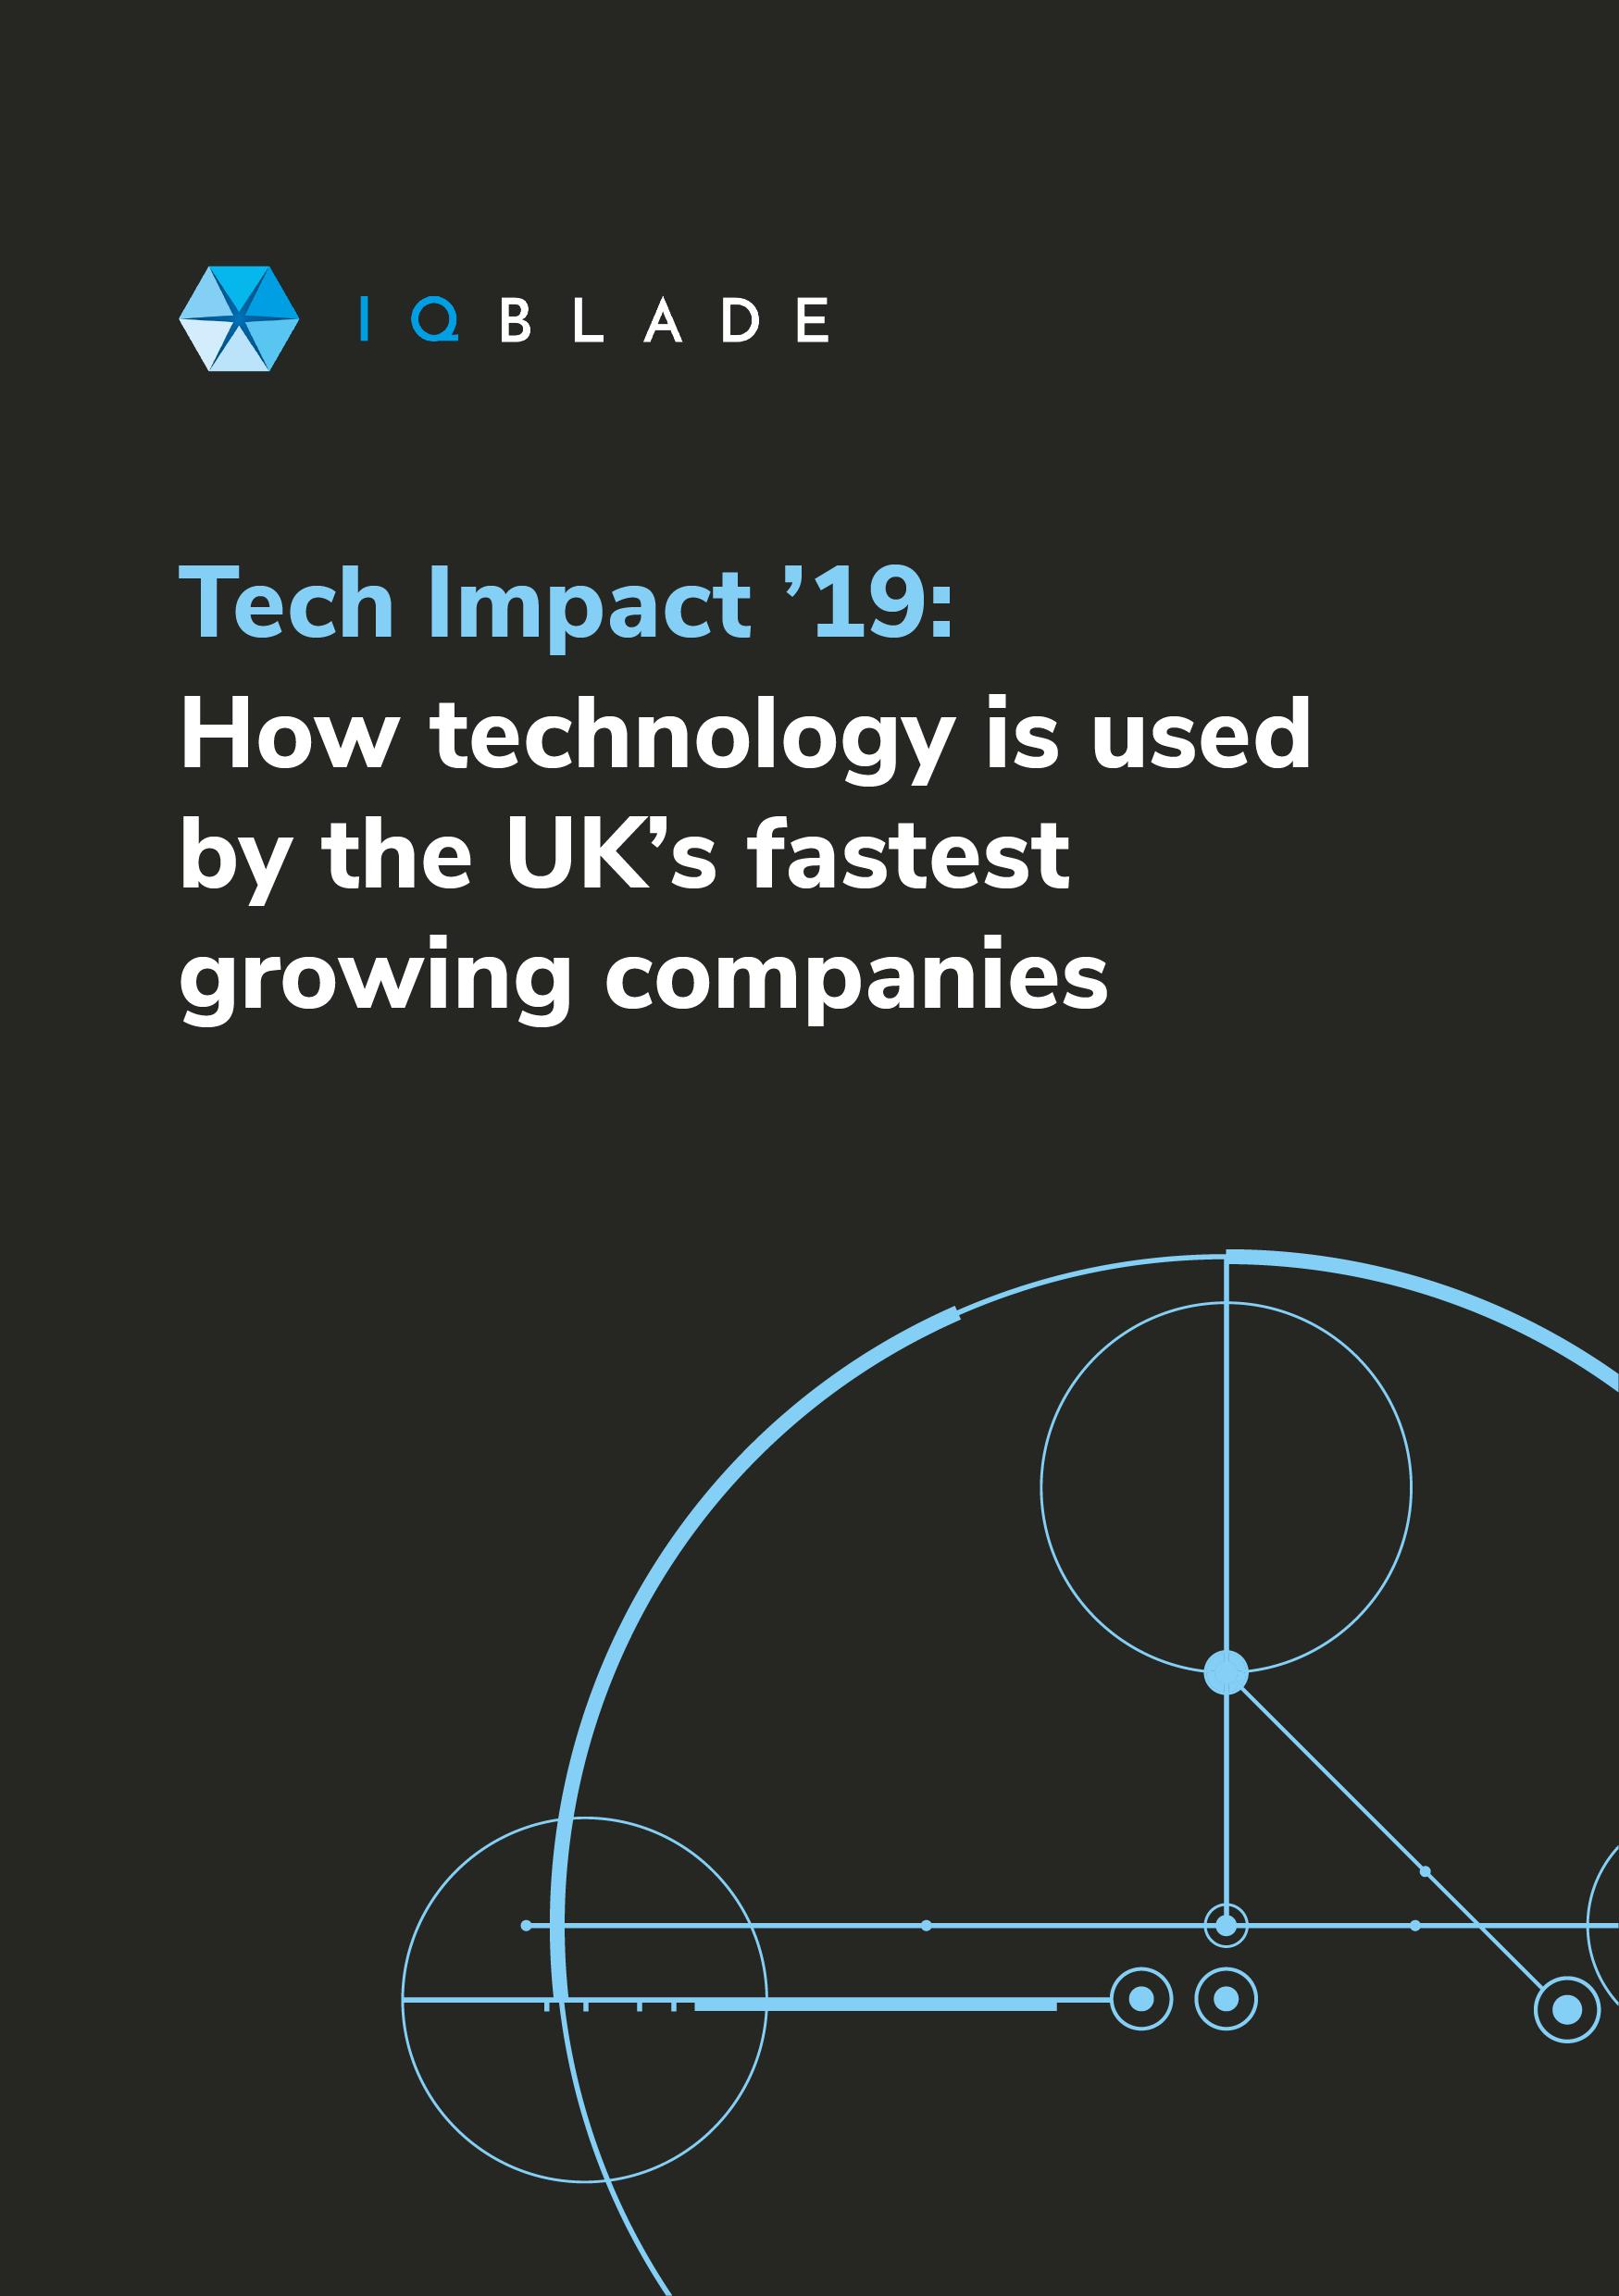 Tech Impact '19 cover